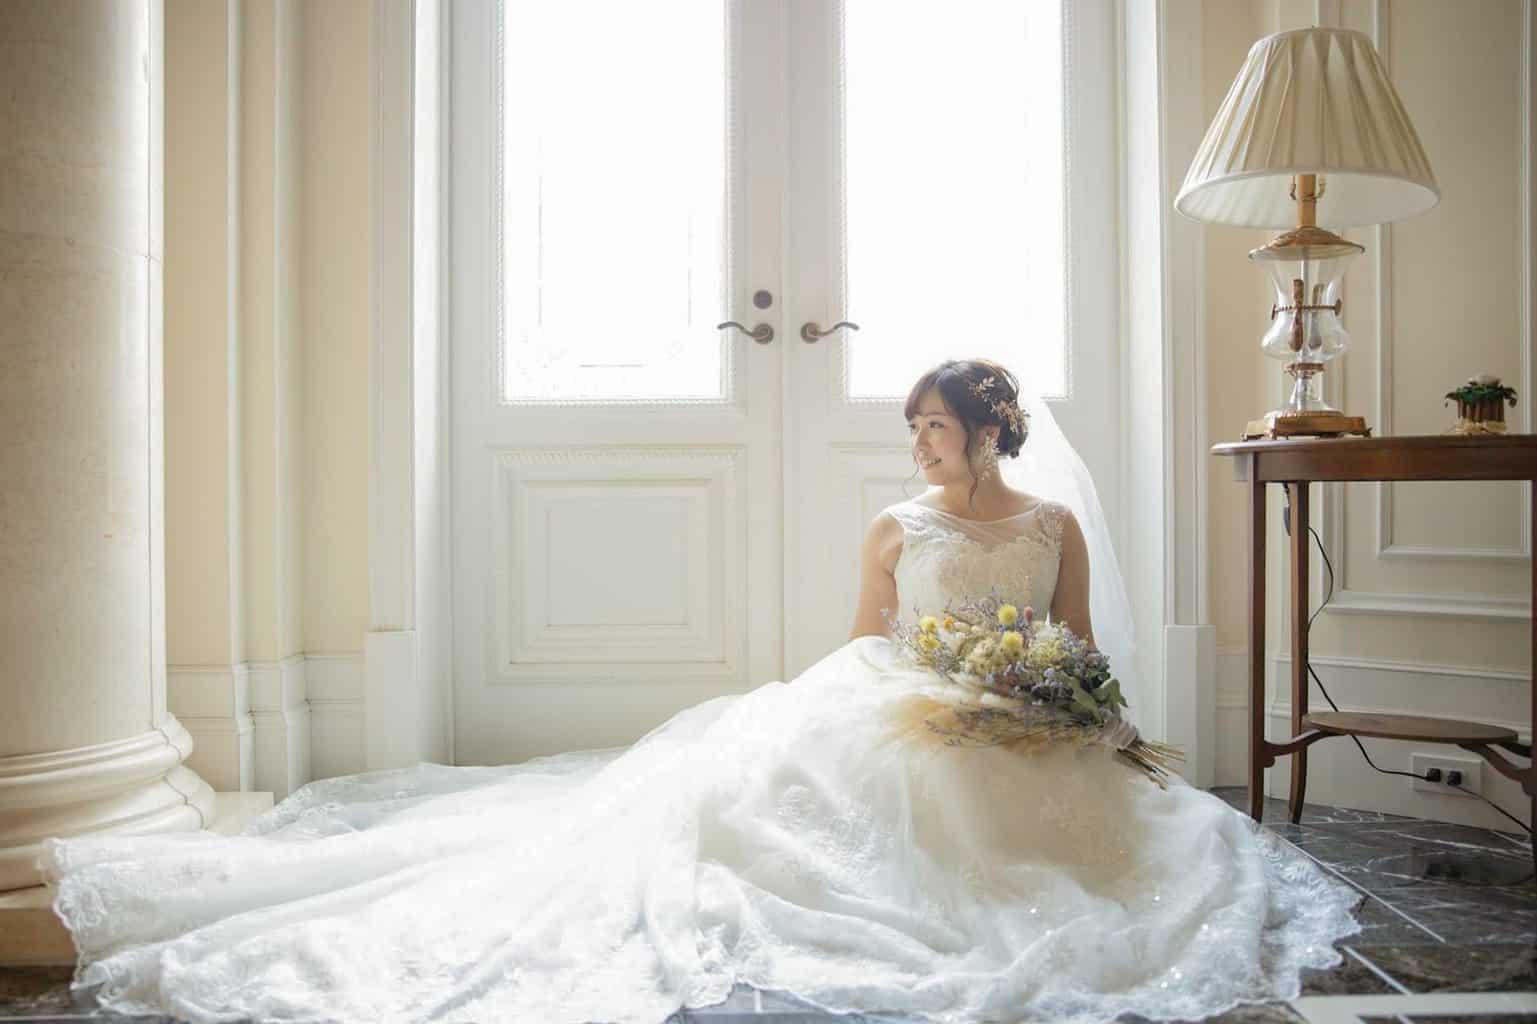 ドレス診断♡ウェディングドレスの種類と似合うドレス選び方♡のカバー写真